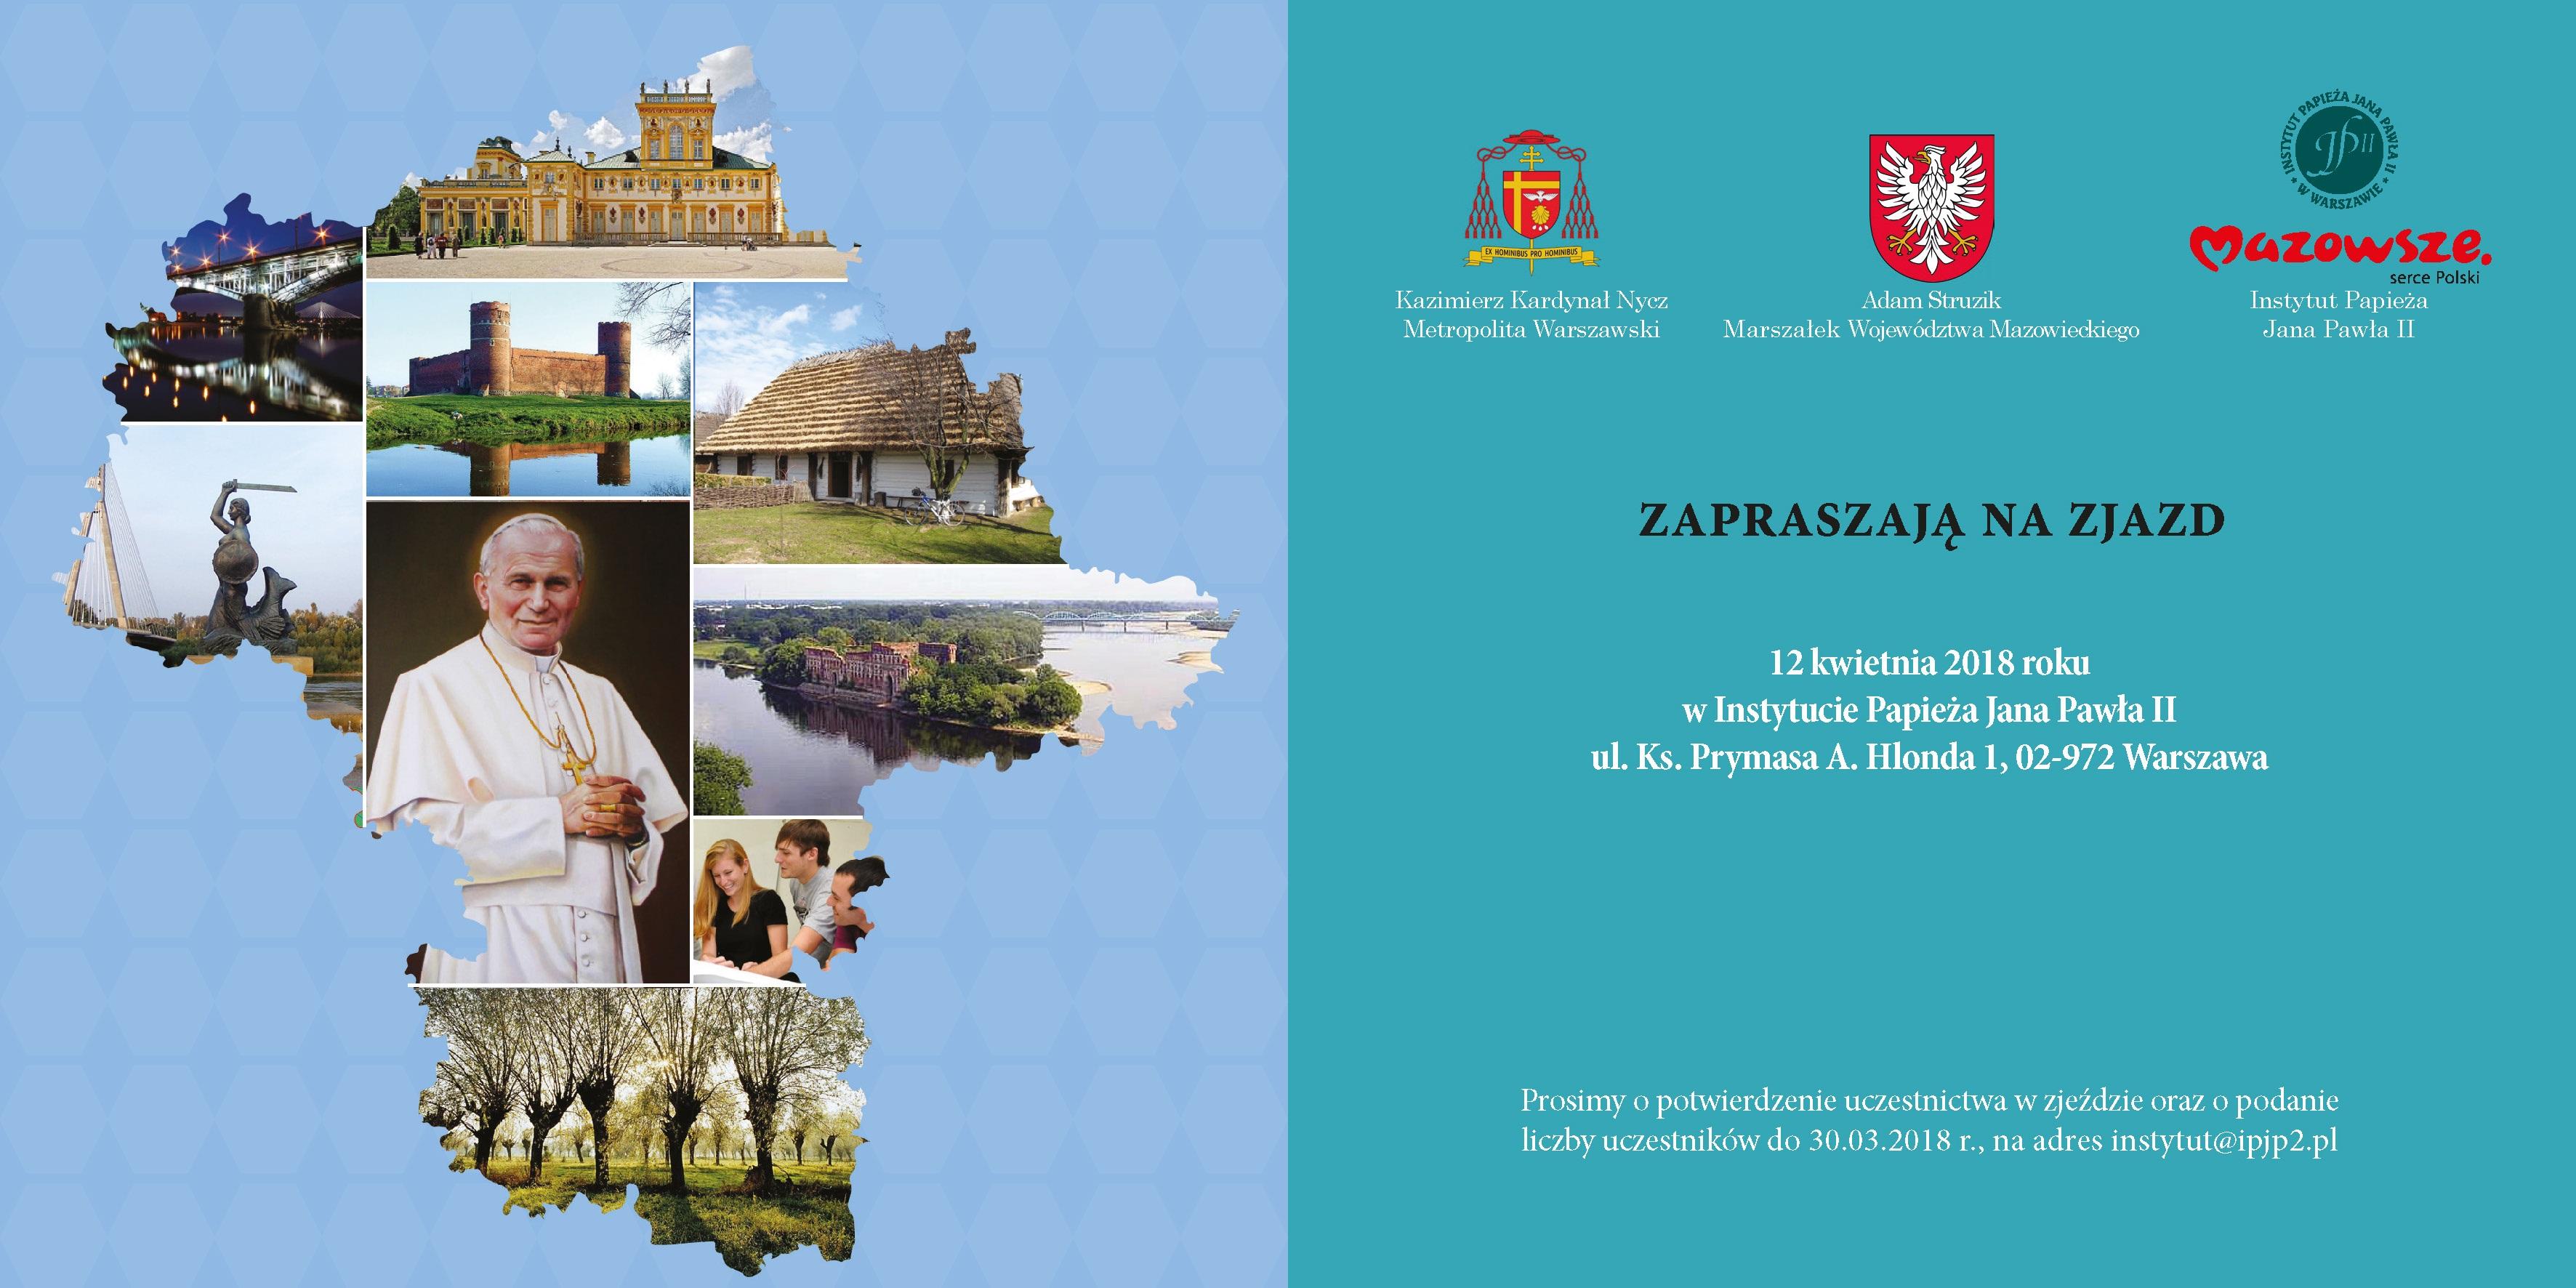 IMazowiecki Zjazd Szkół im.Papieża Jana Pawła II – Zaproszenie